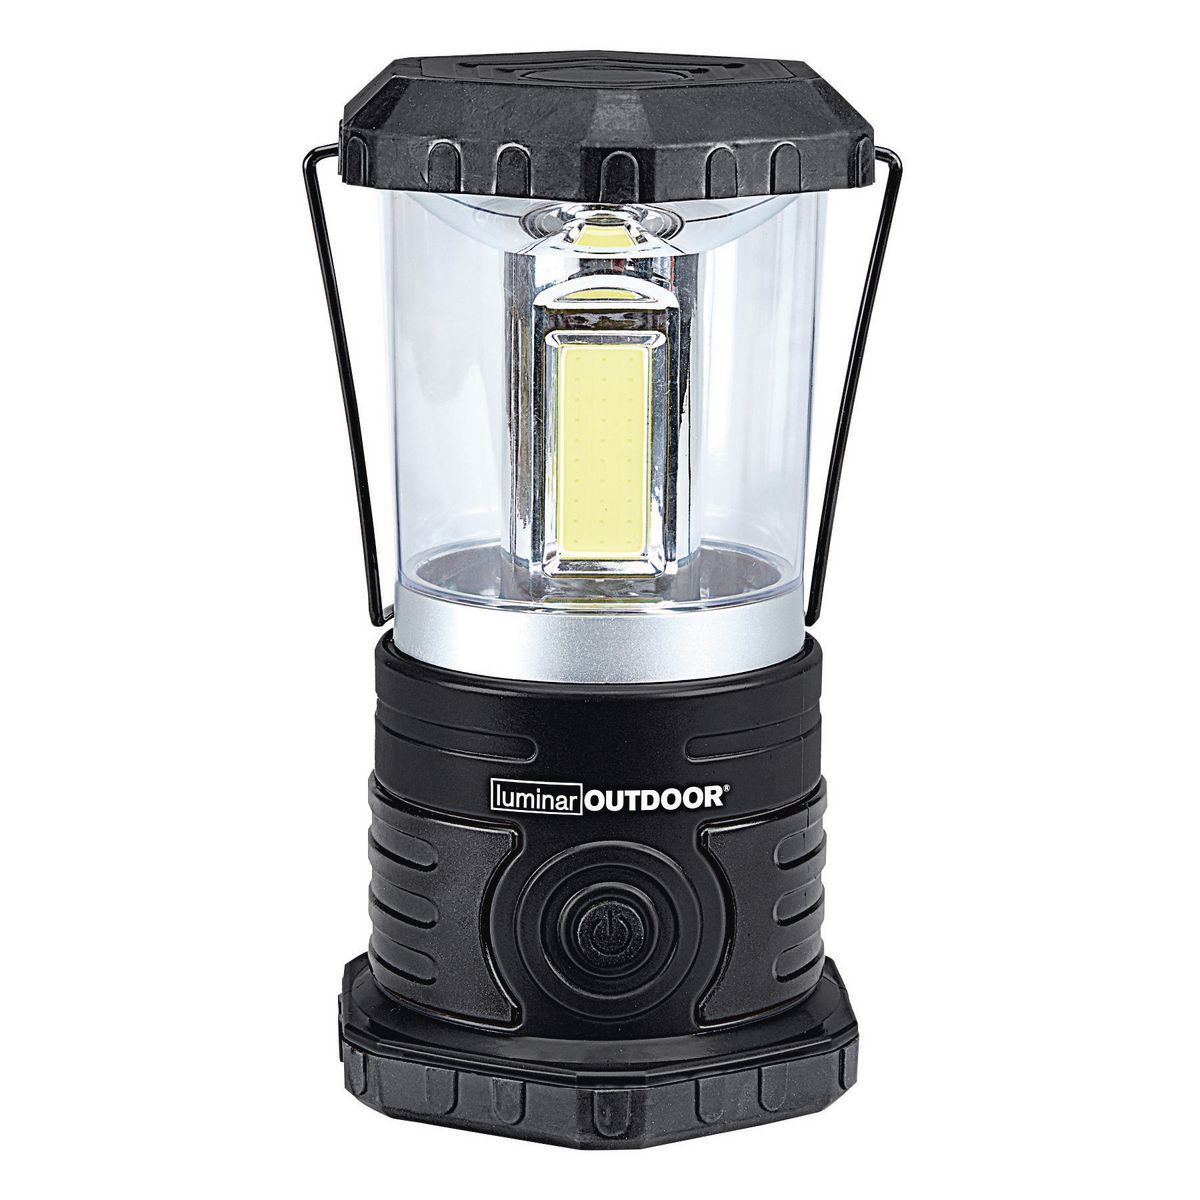 1250 Lumen Portable Lantern in 2020 Lanterns, Led strip